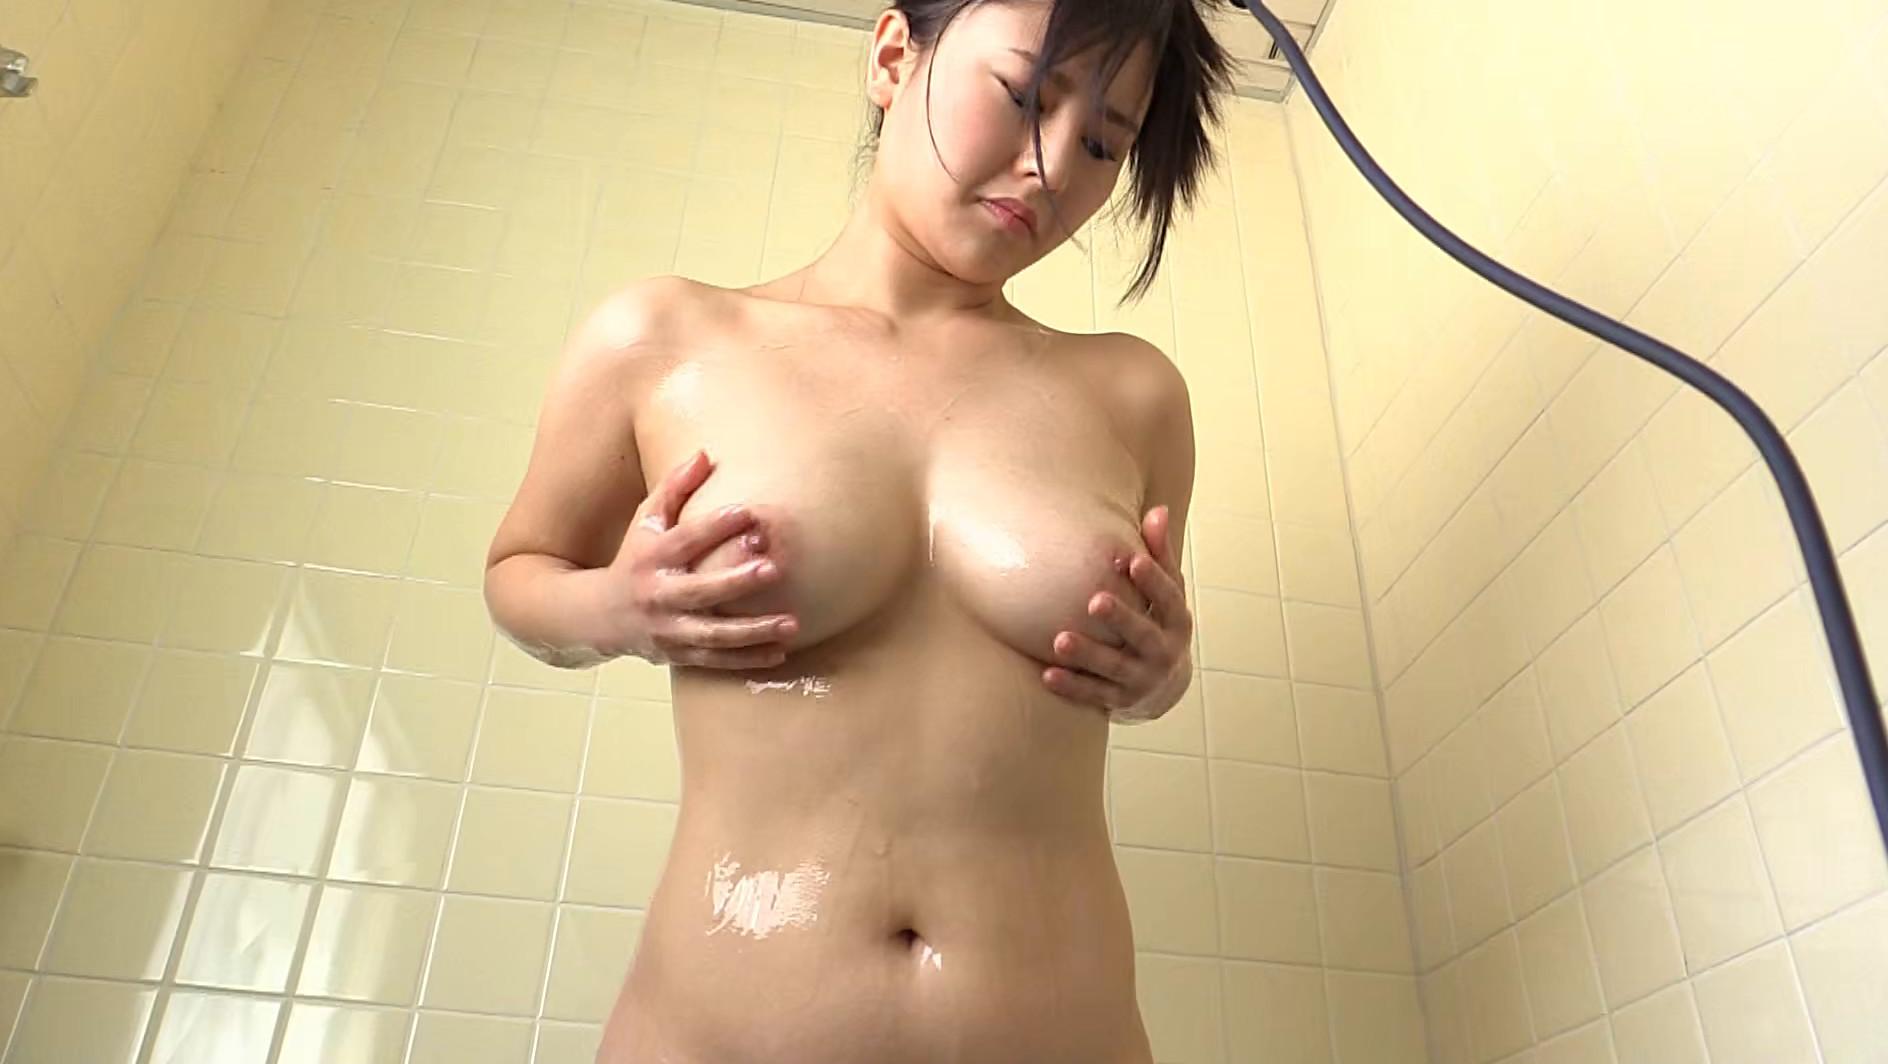 レディーダイアモンド 神木サラ 画像18